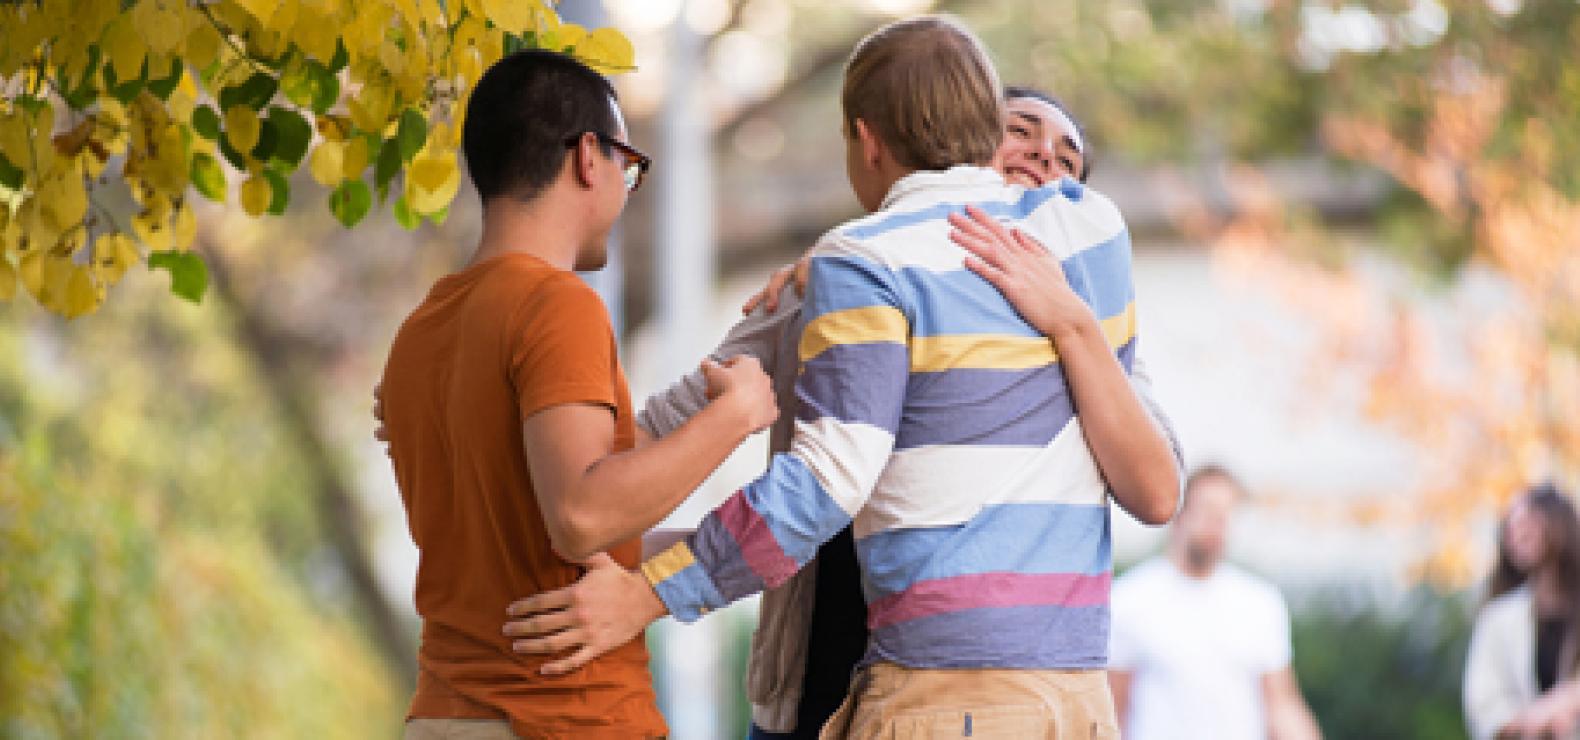 drei Menschen - zwei umarmen sich